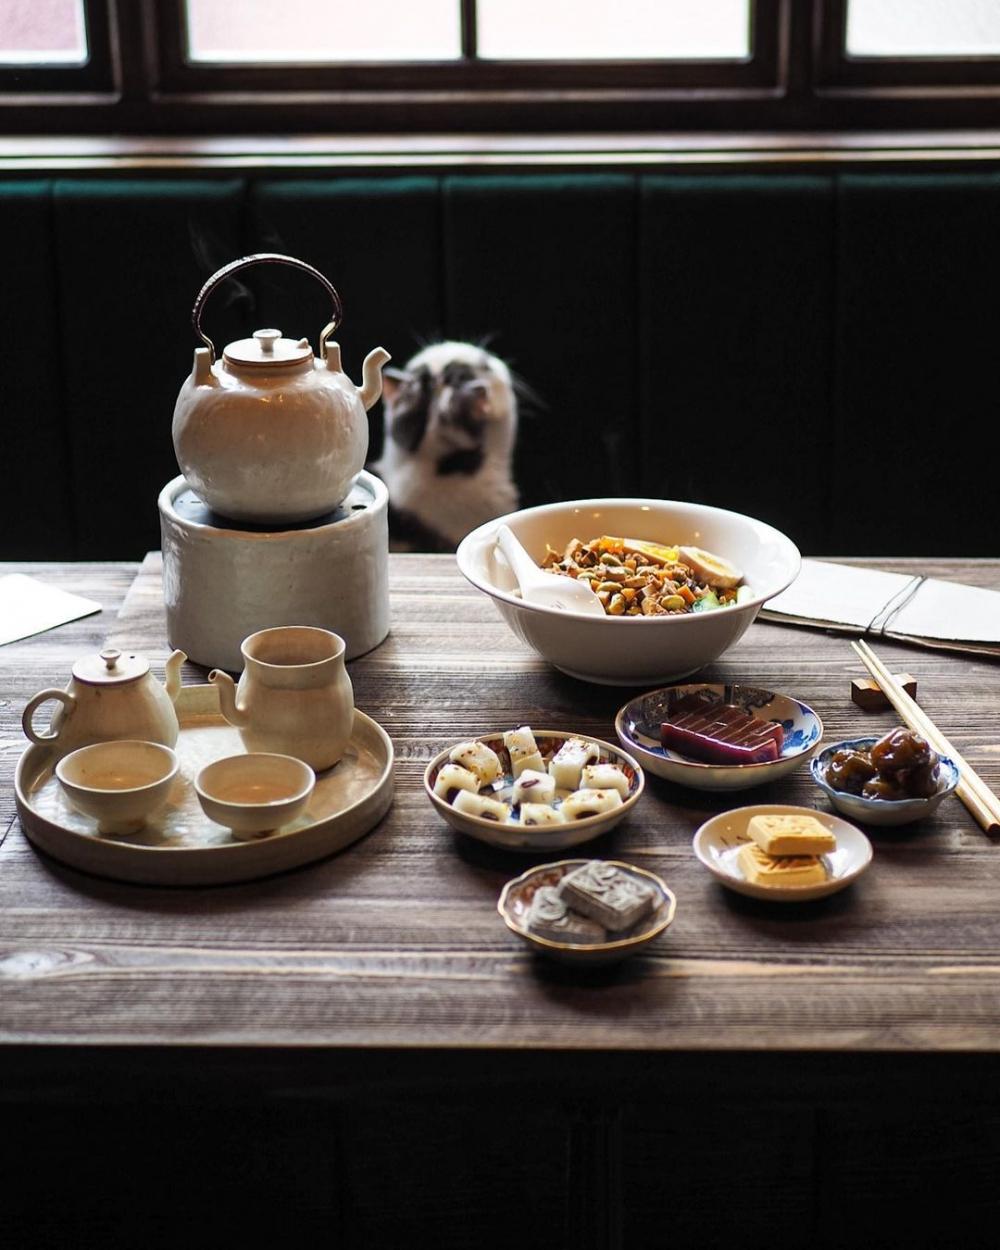 茶店內有著精緻的茶點,每個看起來都精緻又可口